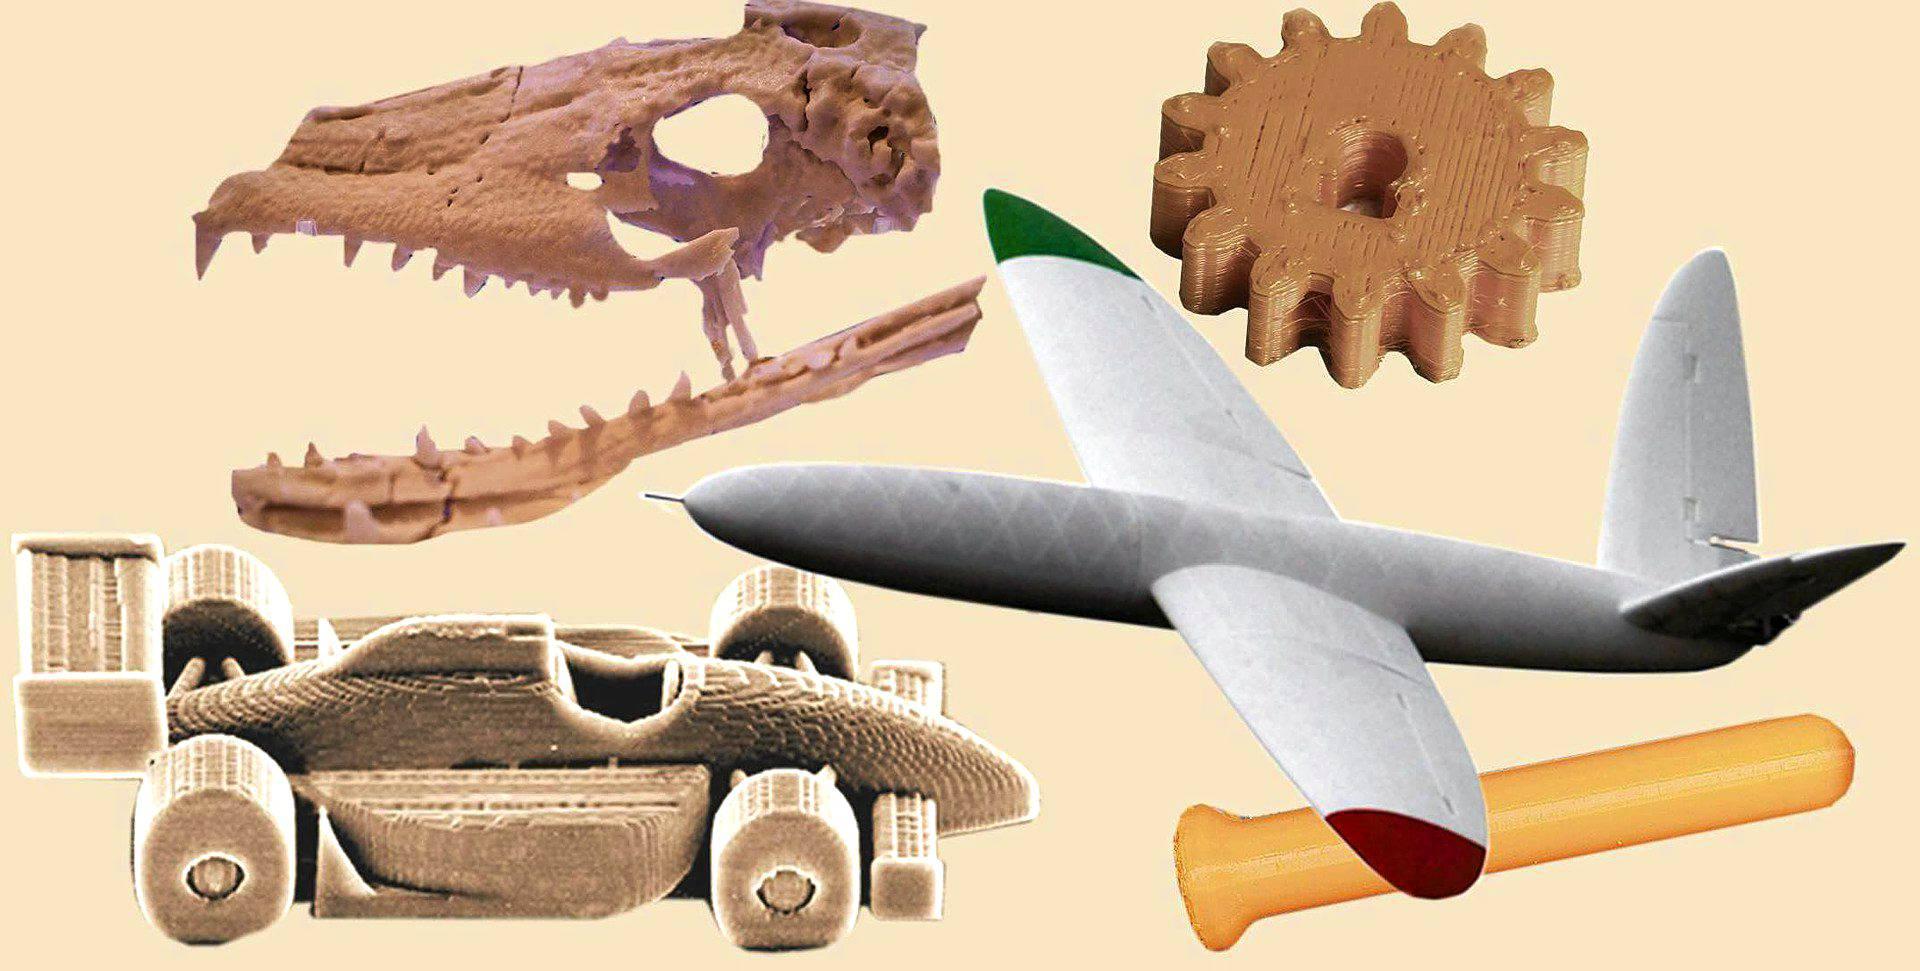 Muuttaako 3D-tulostus maailman?